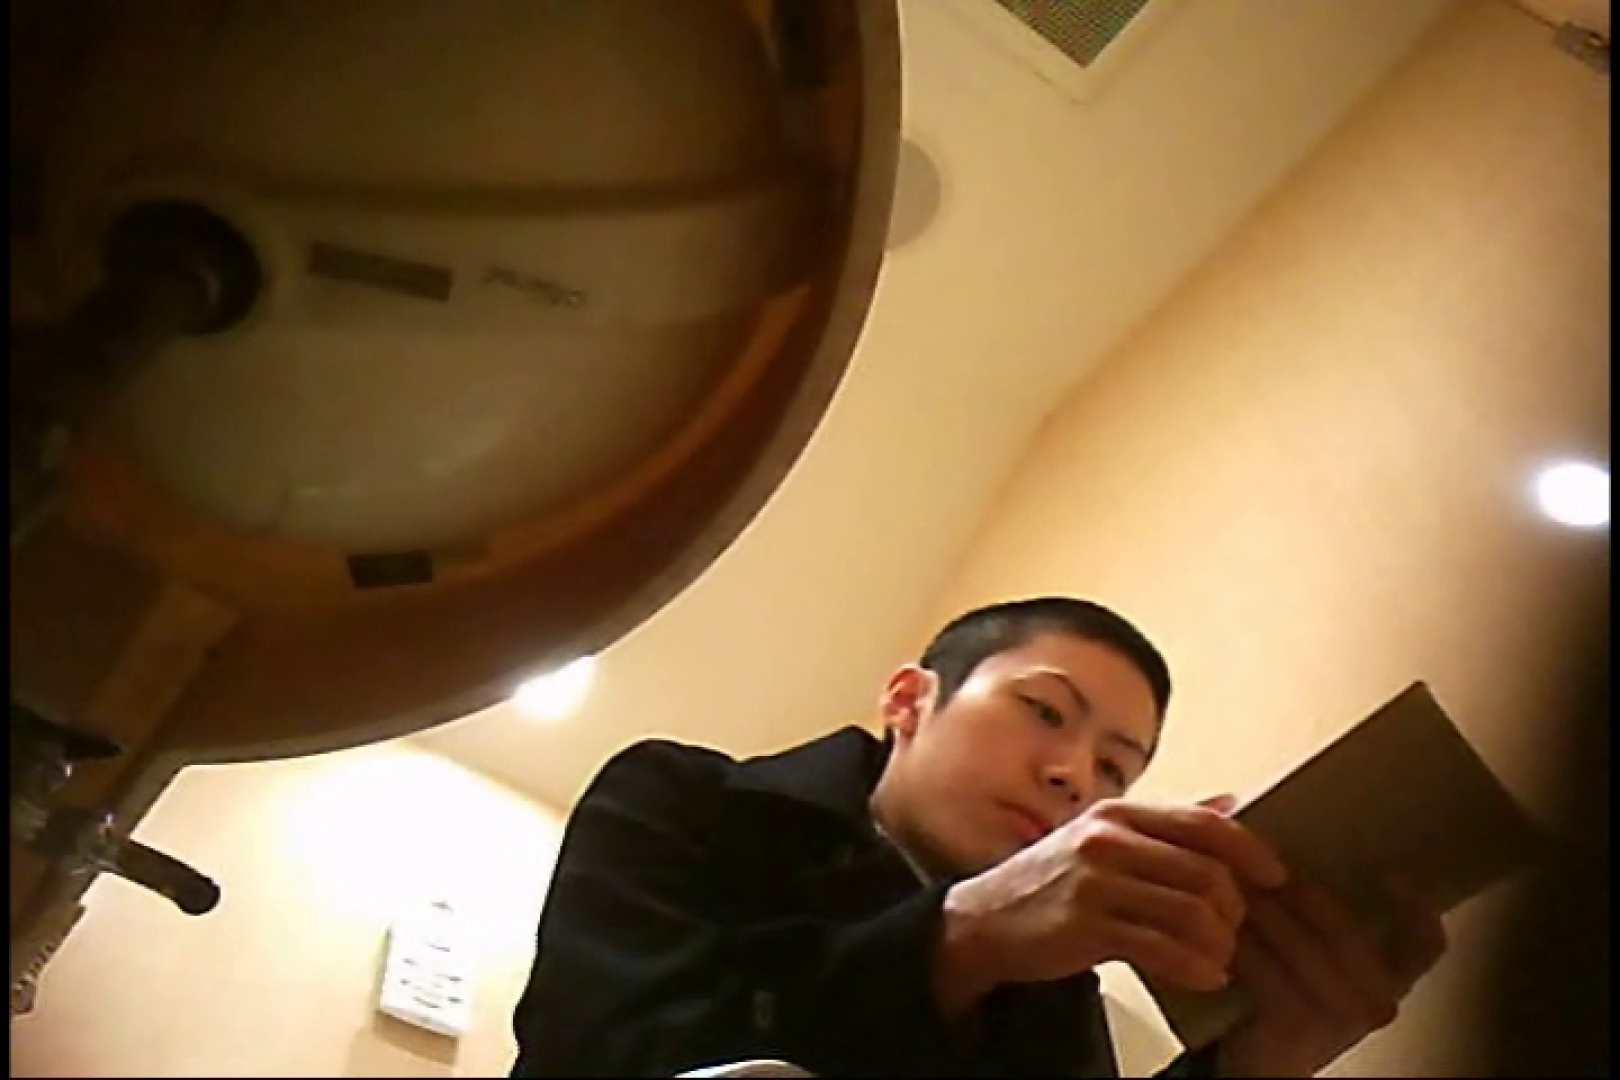 Gボーイ初投稿!掴み取りさんの洗面所覗き!in新幹線!VOL.03 ボーイズ私服   サル系ボーイズ  50pic 3